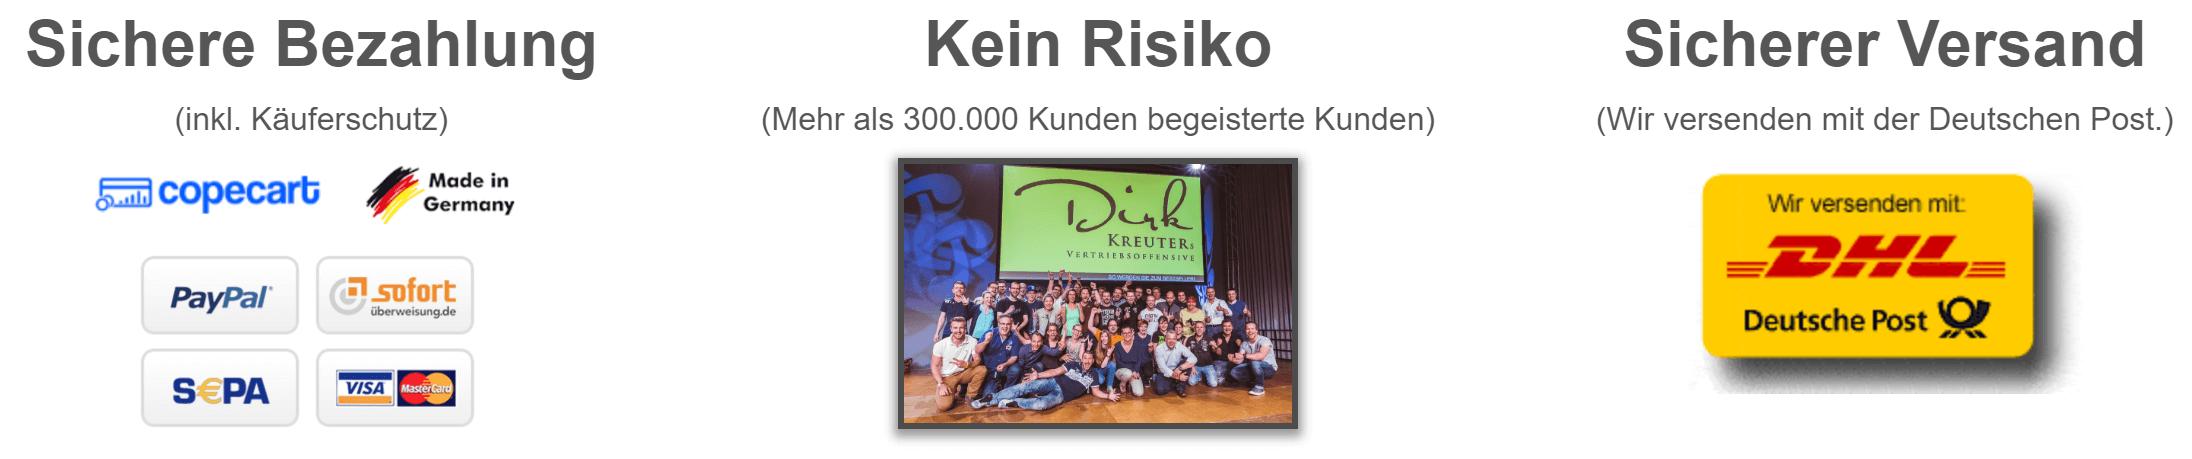 Dirk Kreuter Buch Entscheidung Erfolg Bestellung